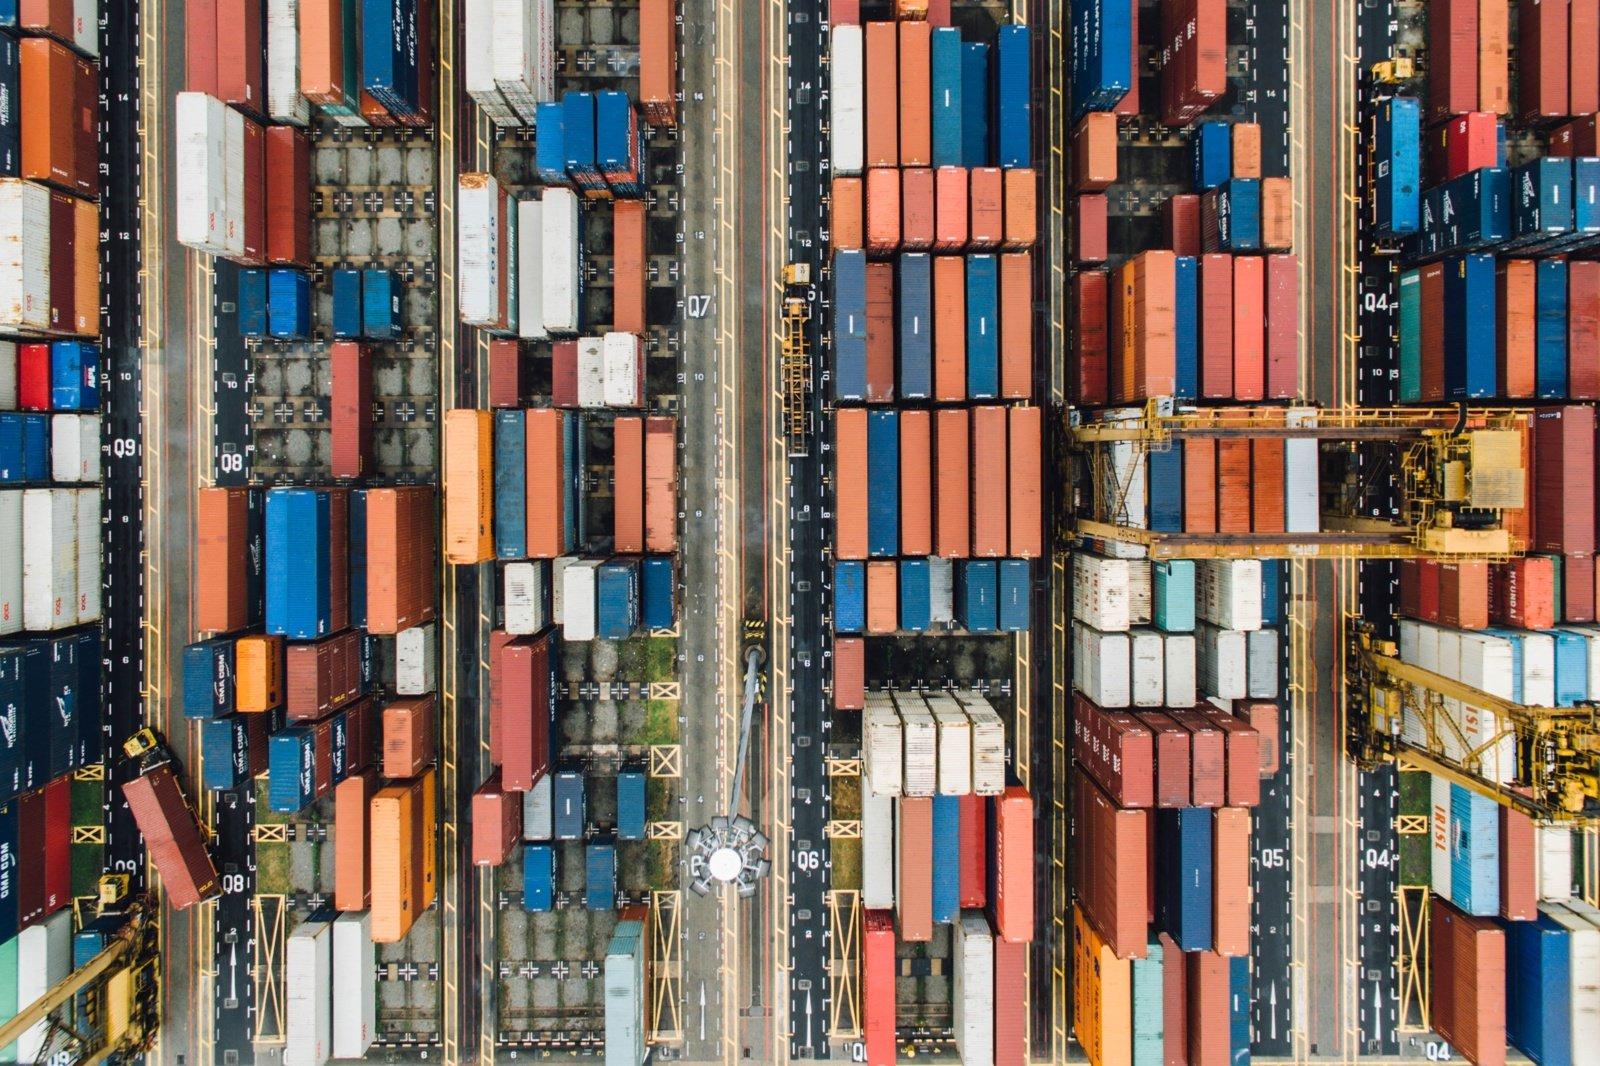 Per praėjusius metus eksportuojamų prekių kainos sumažėjo 3,9 procento